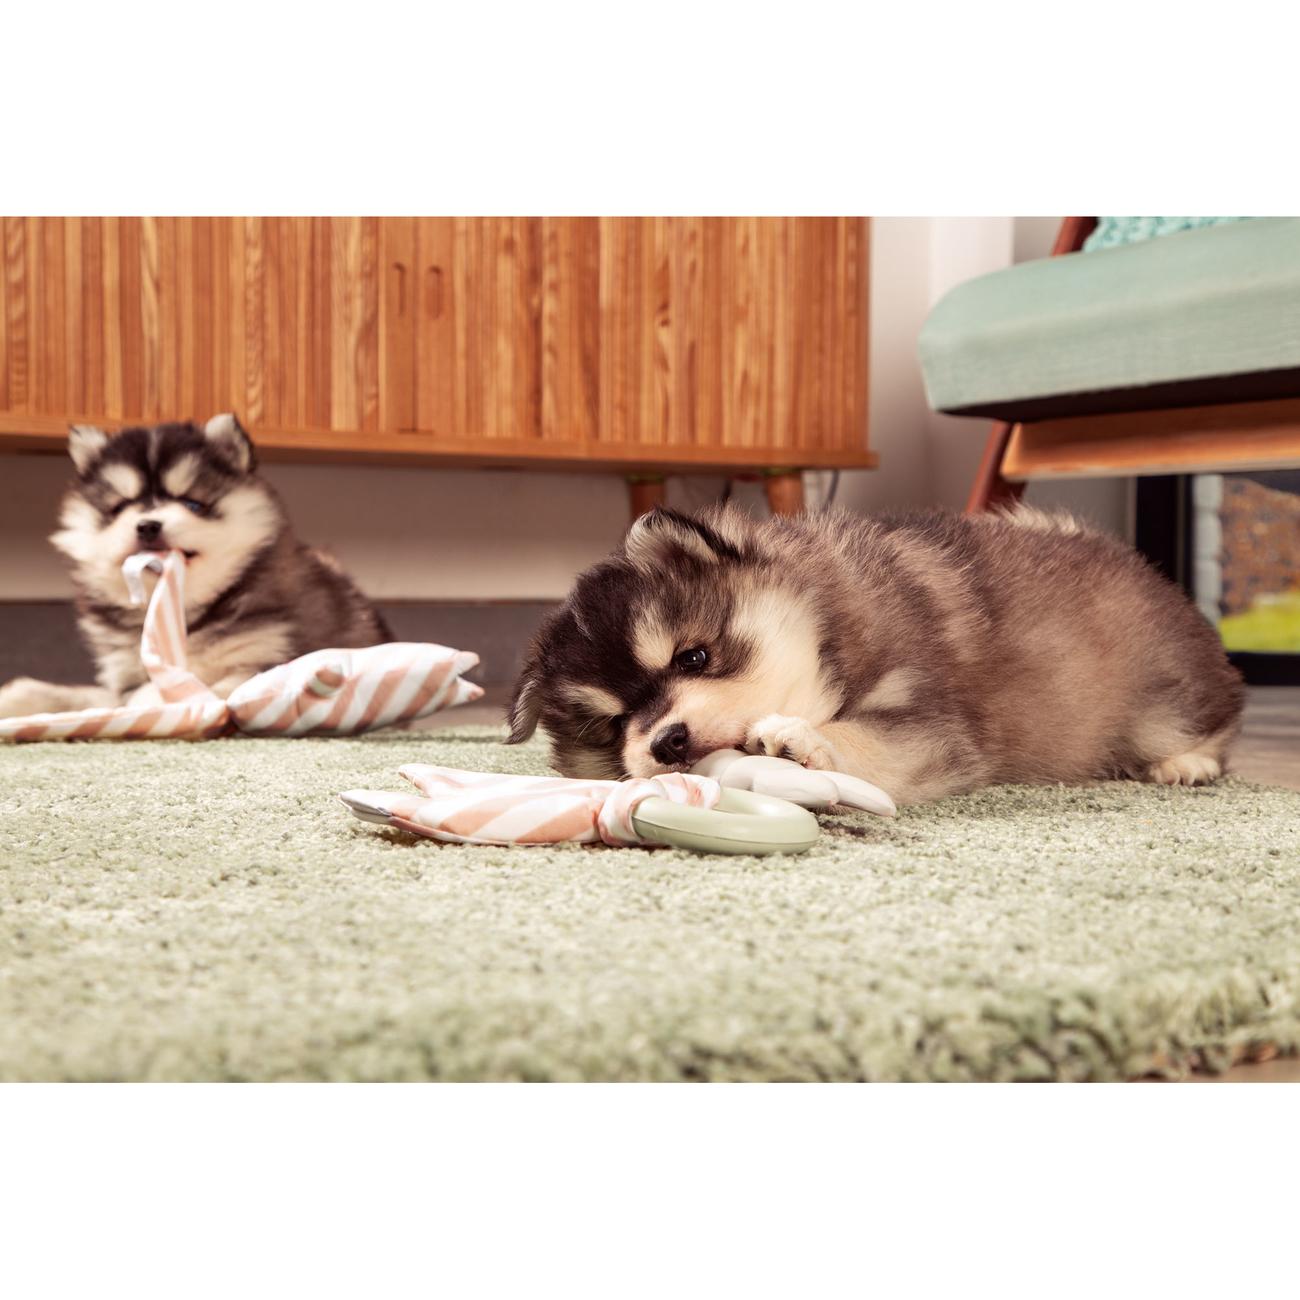 Beeztees Puppy Hase Buddy Welpenspielzeug, Bild 3